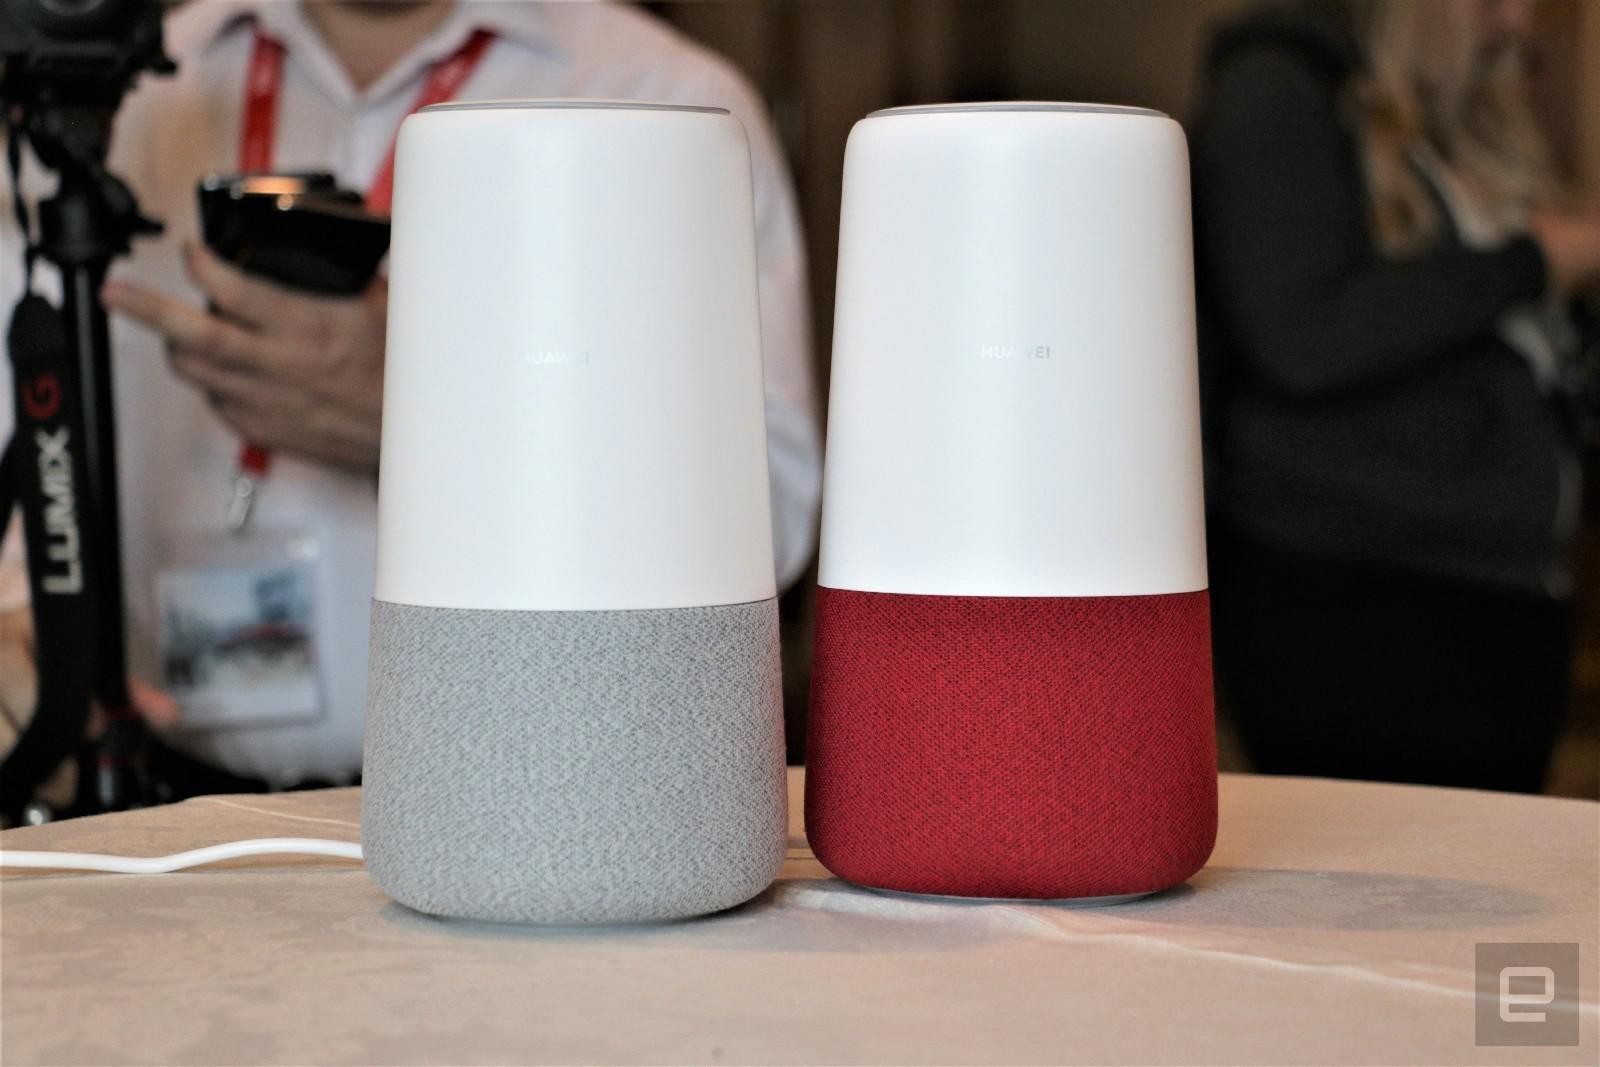 竞争激烈的智能音箱市场 华为靠什么杀出重围